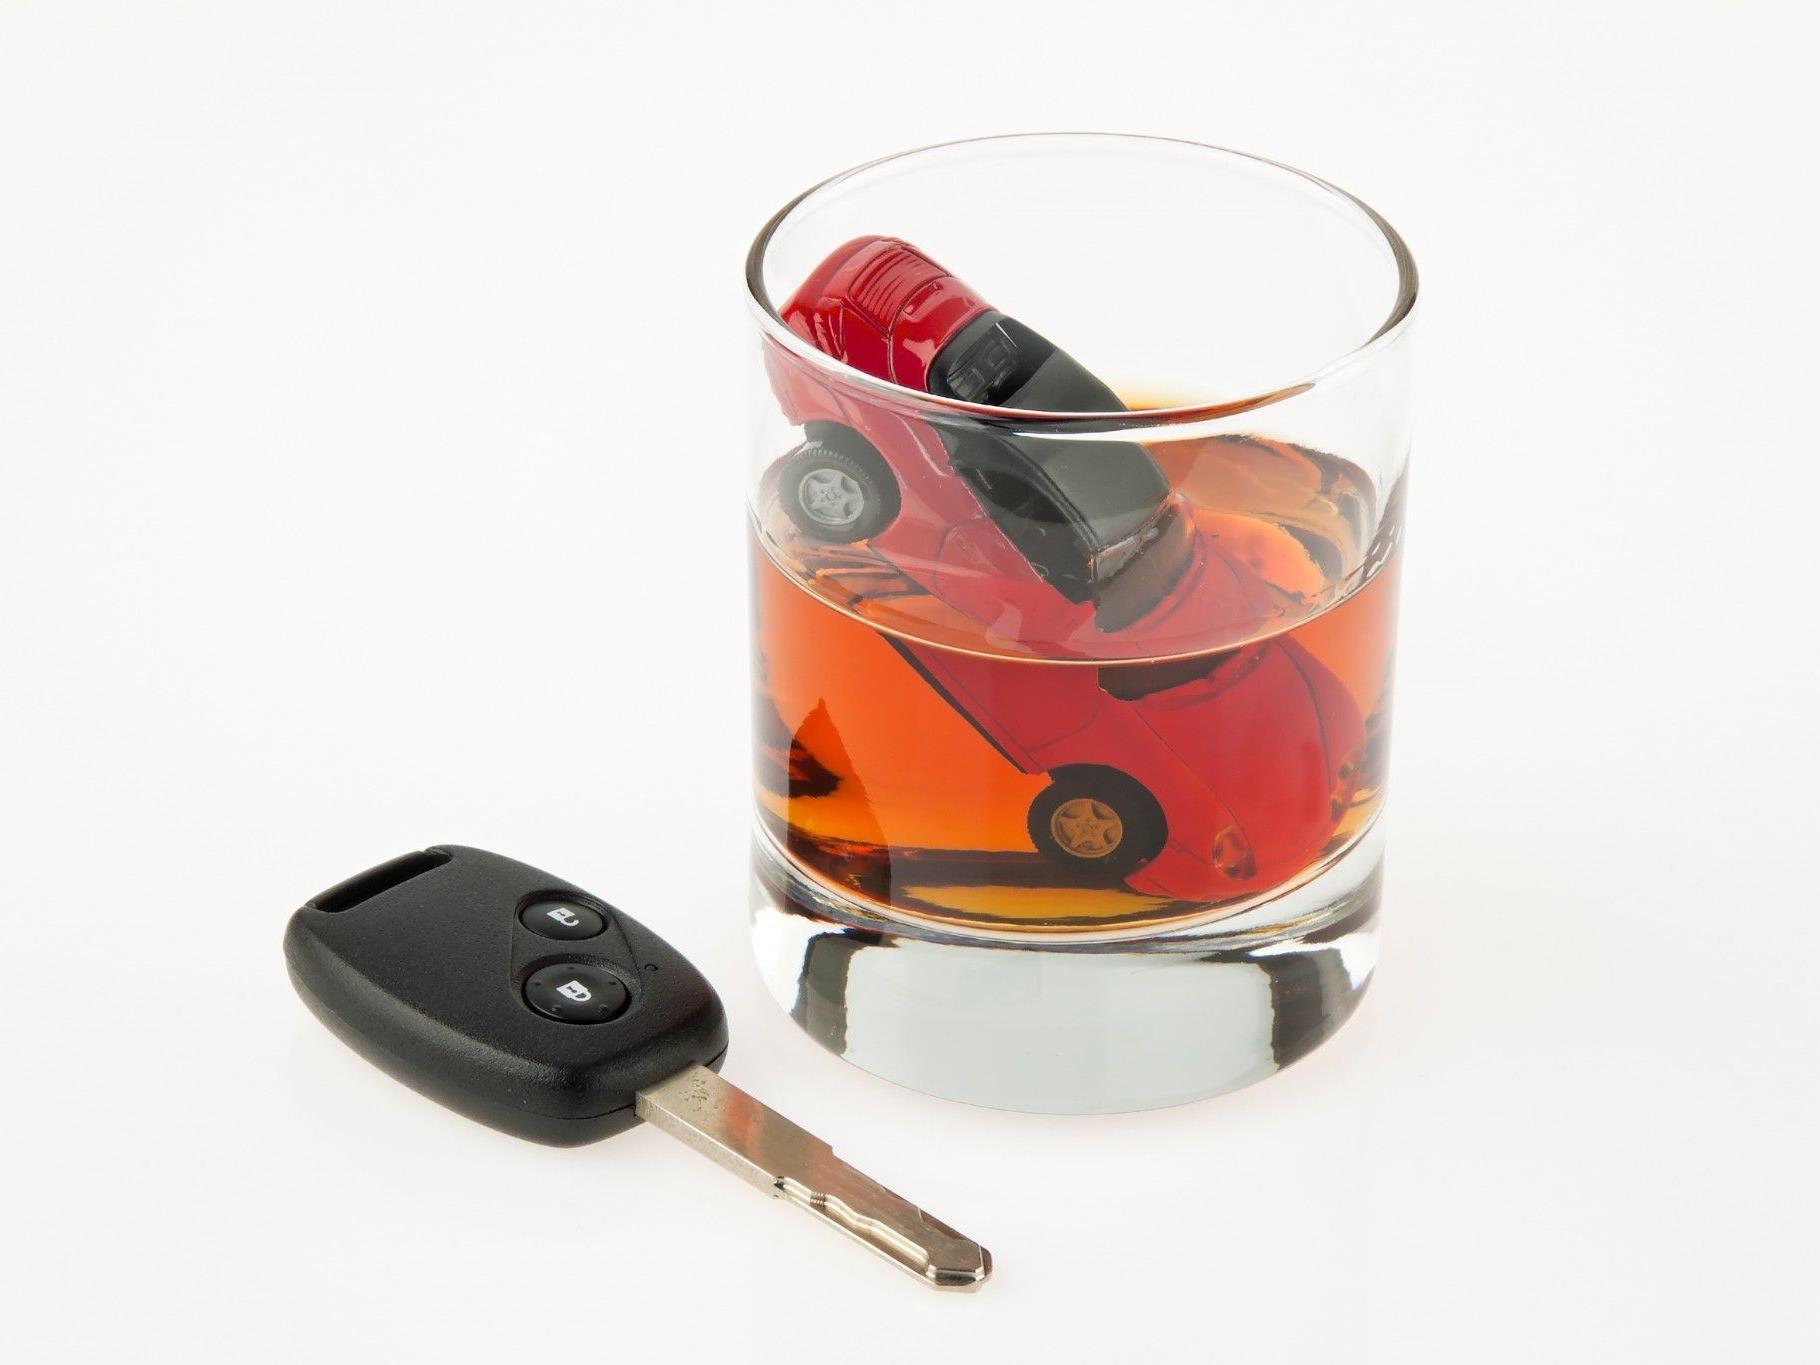 Betrunken in Hochzeitsgesellschaft gerast - dem Pkw-Lenker drohen zehn Jahre Gefängnis.